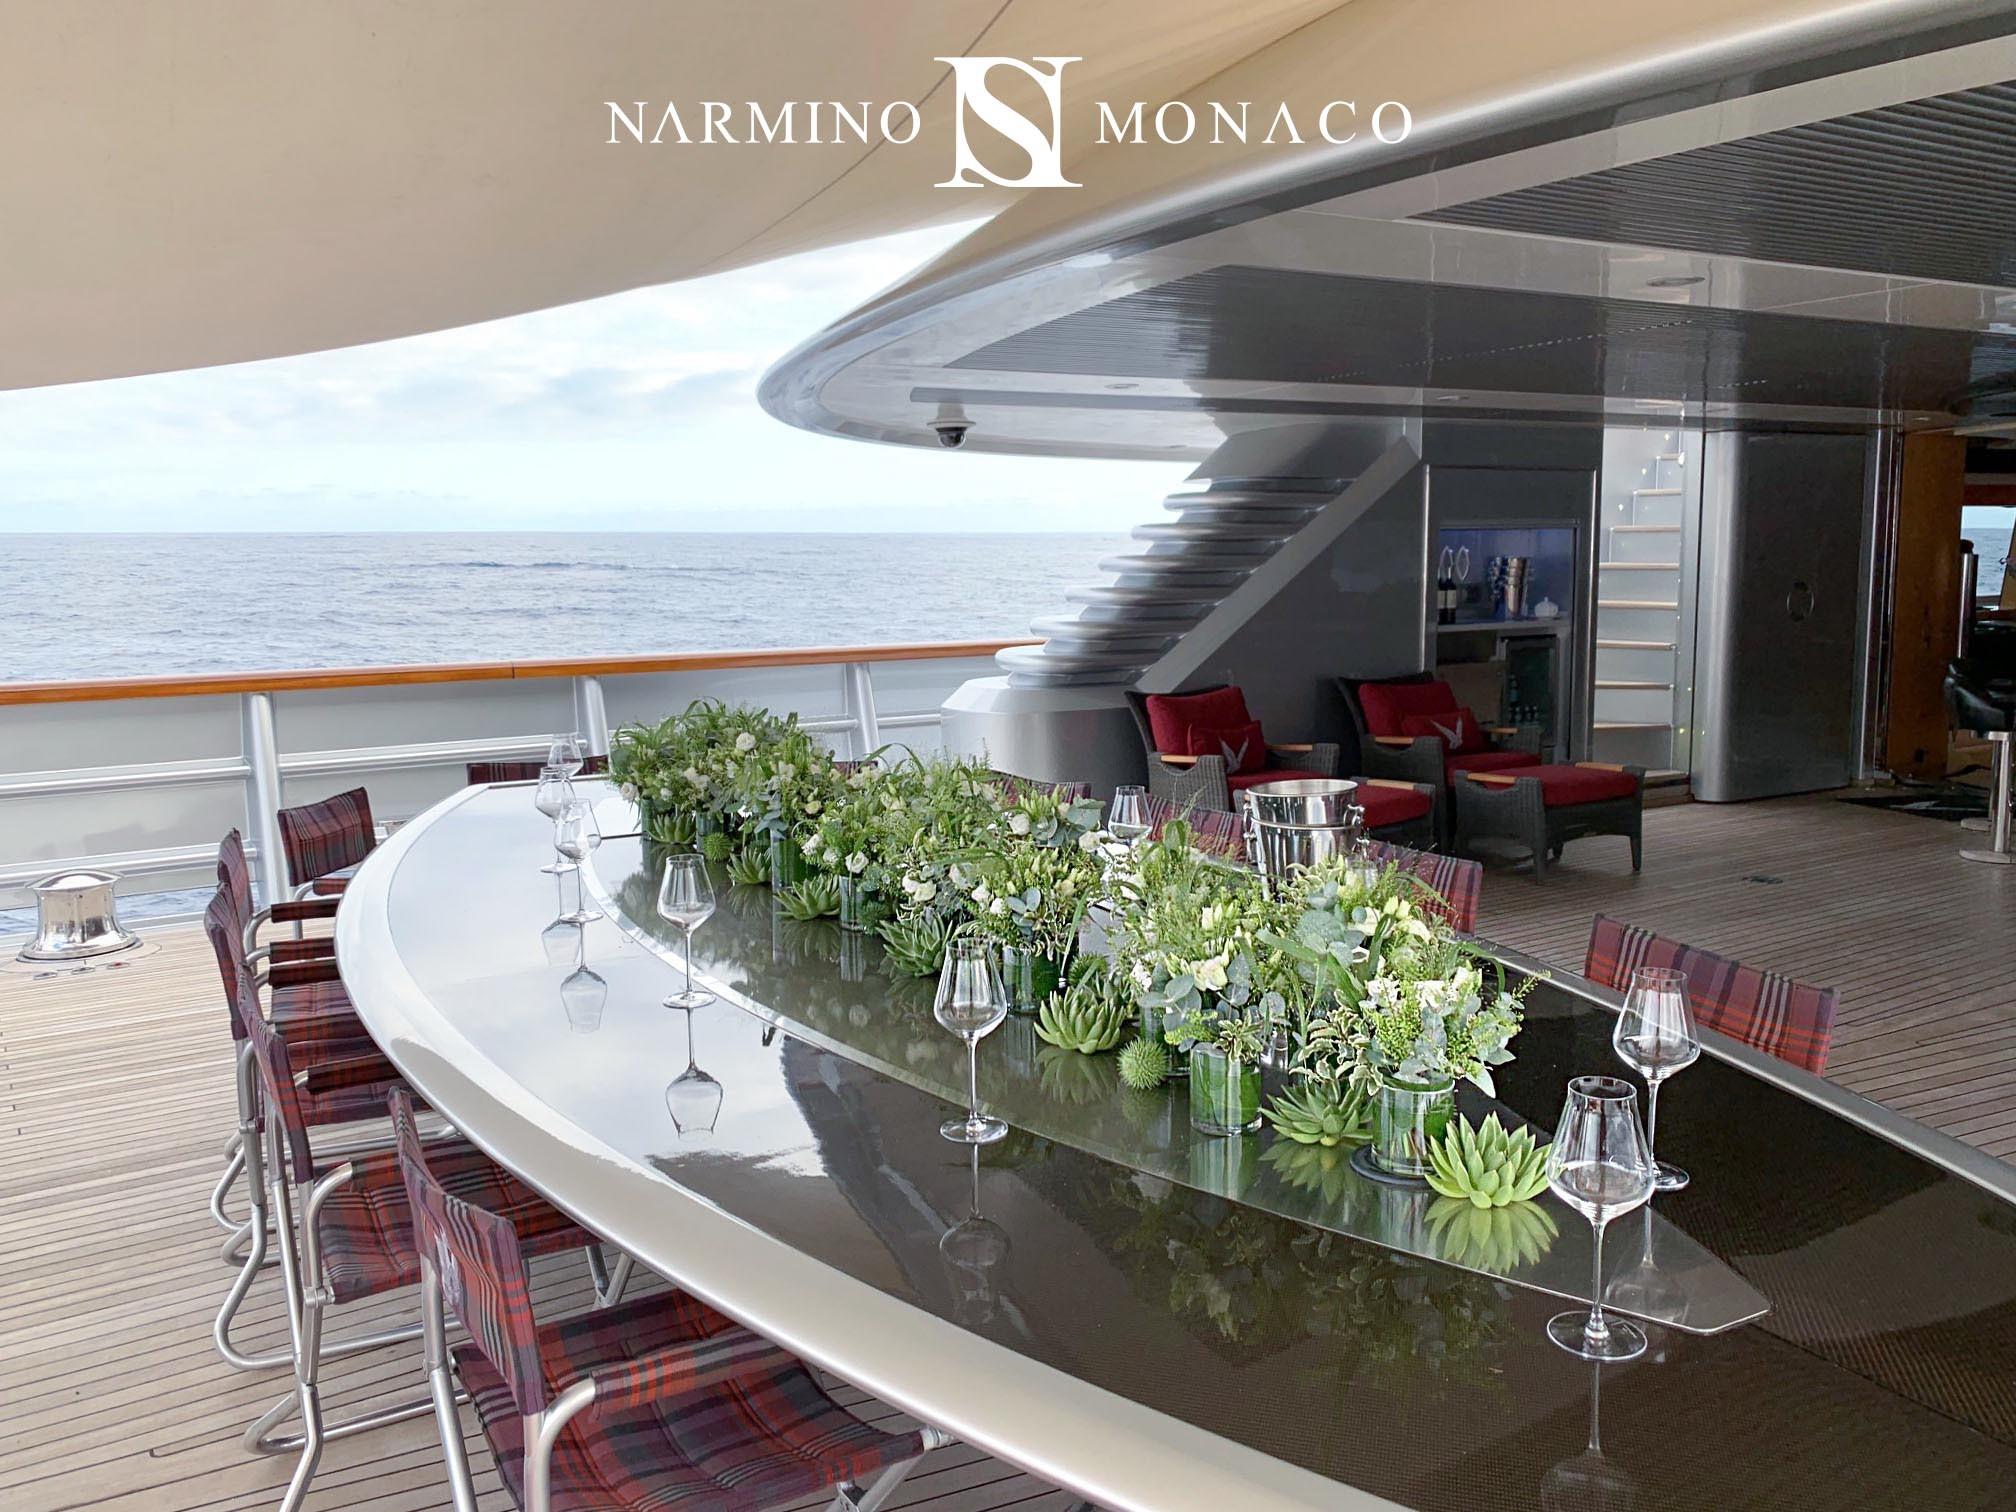 Décoration florale d'une table sur un yacht